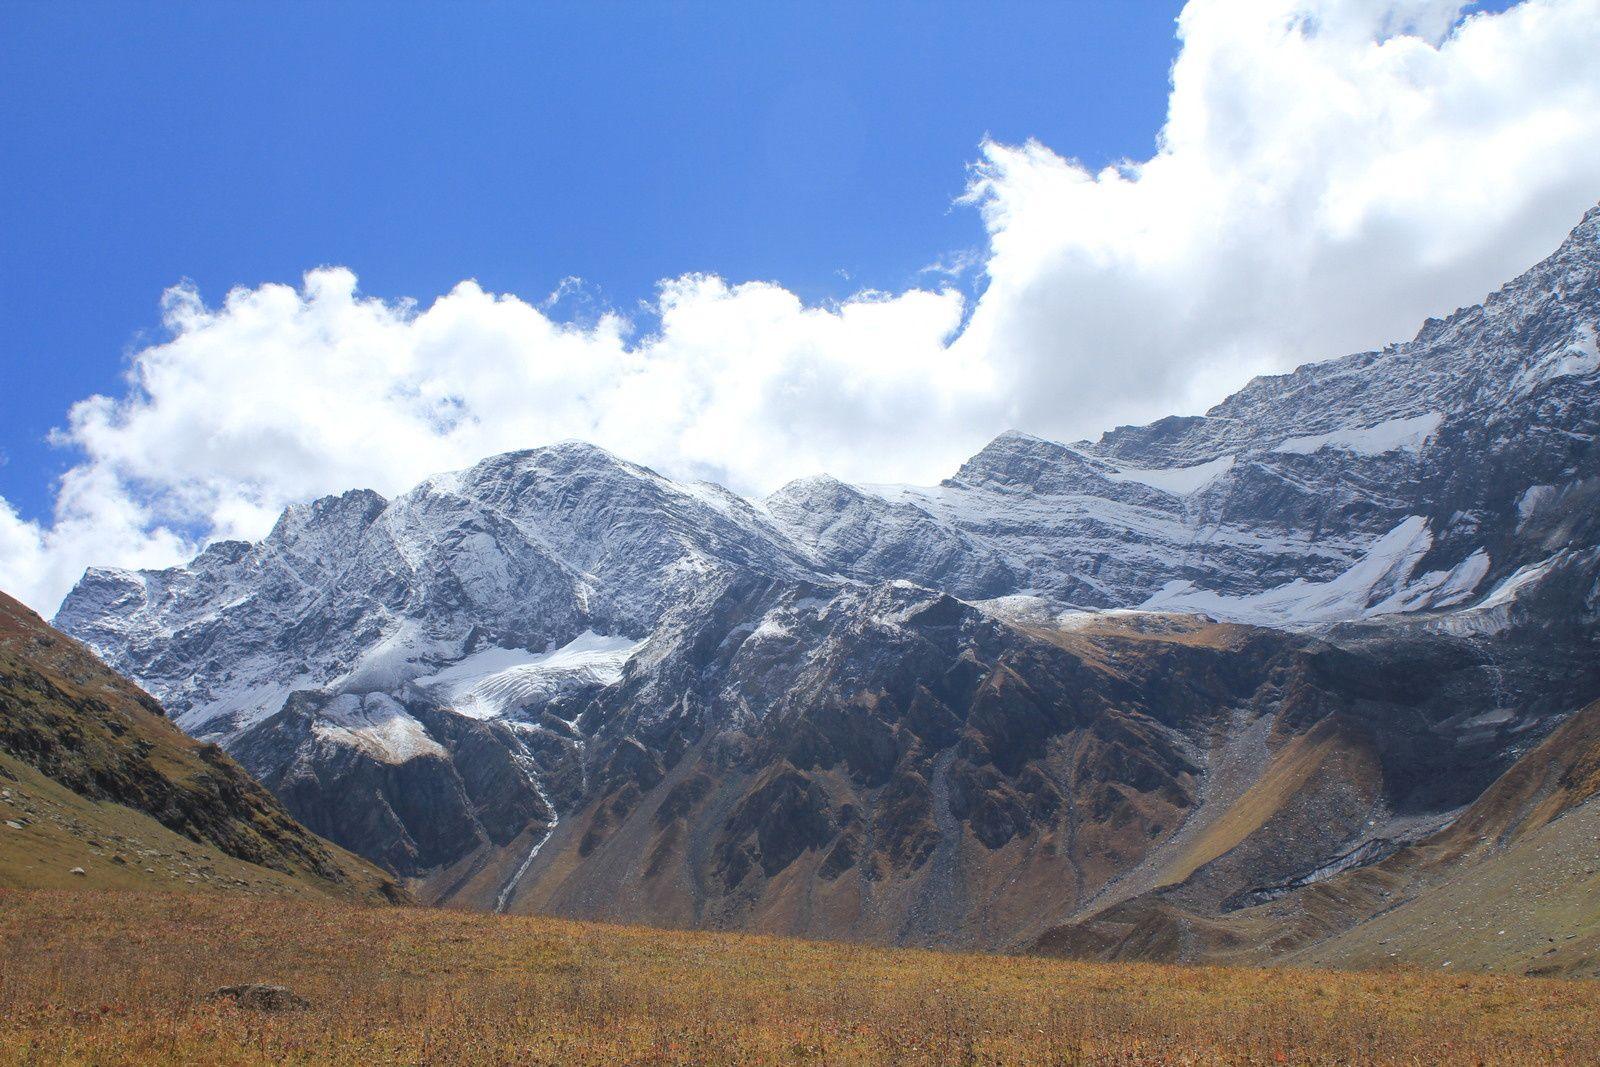 Toujours cette vue magnifique sur la montagne. On passe devant un abri en pierres pour les bergers.